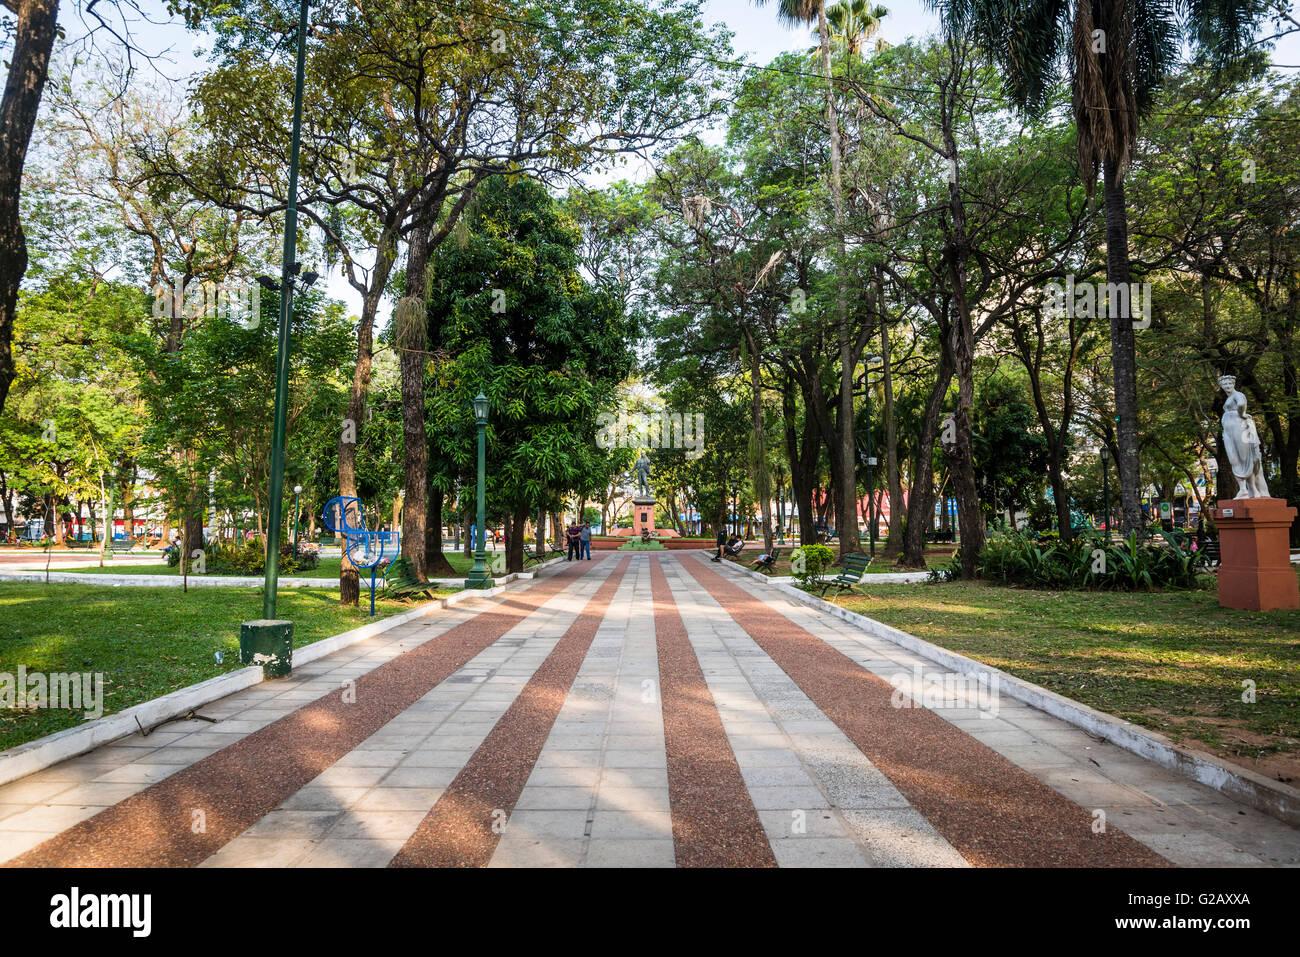 Uruguay square, Asunción, Paraguay - Stock Image